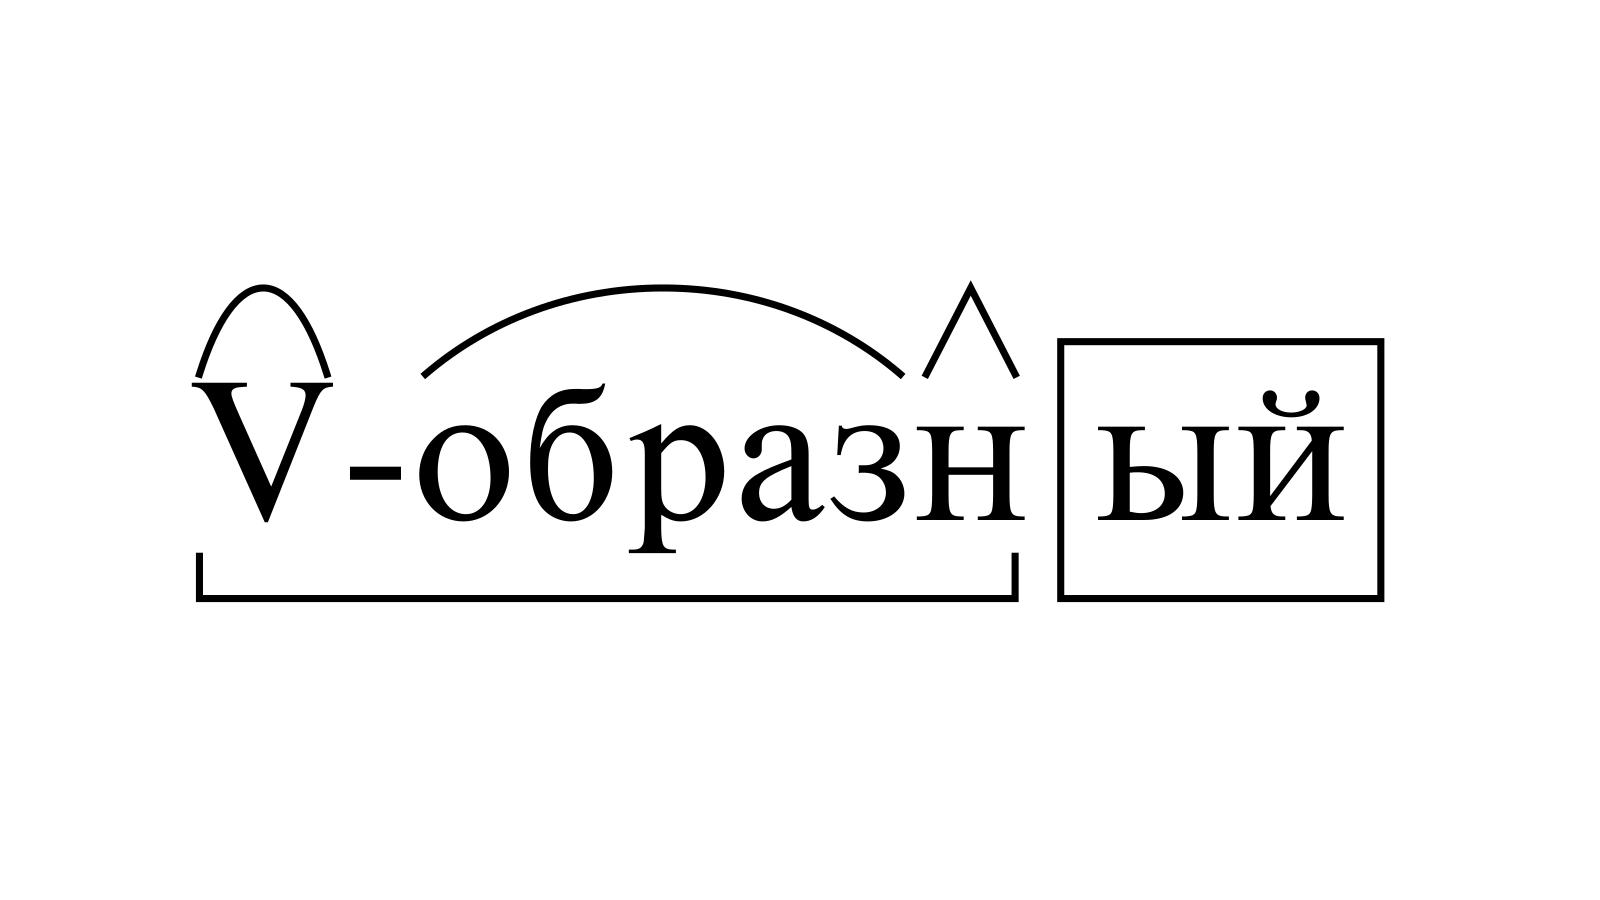 Разбор слова «V-образный» по составу